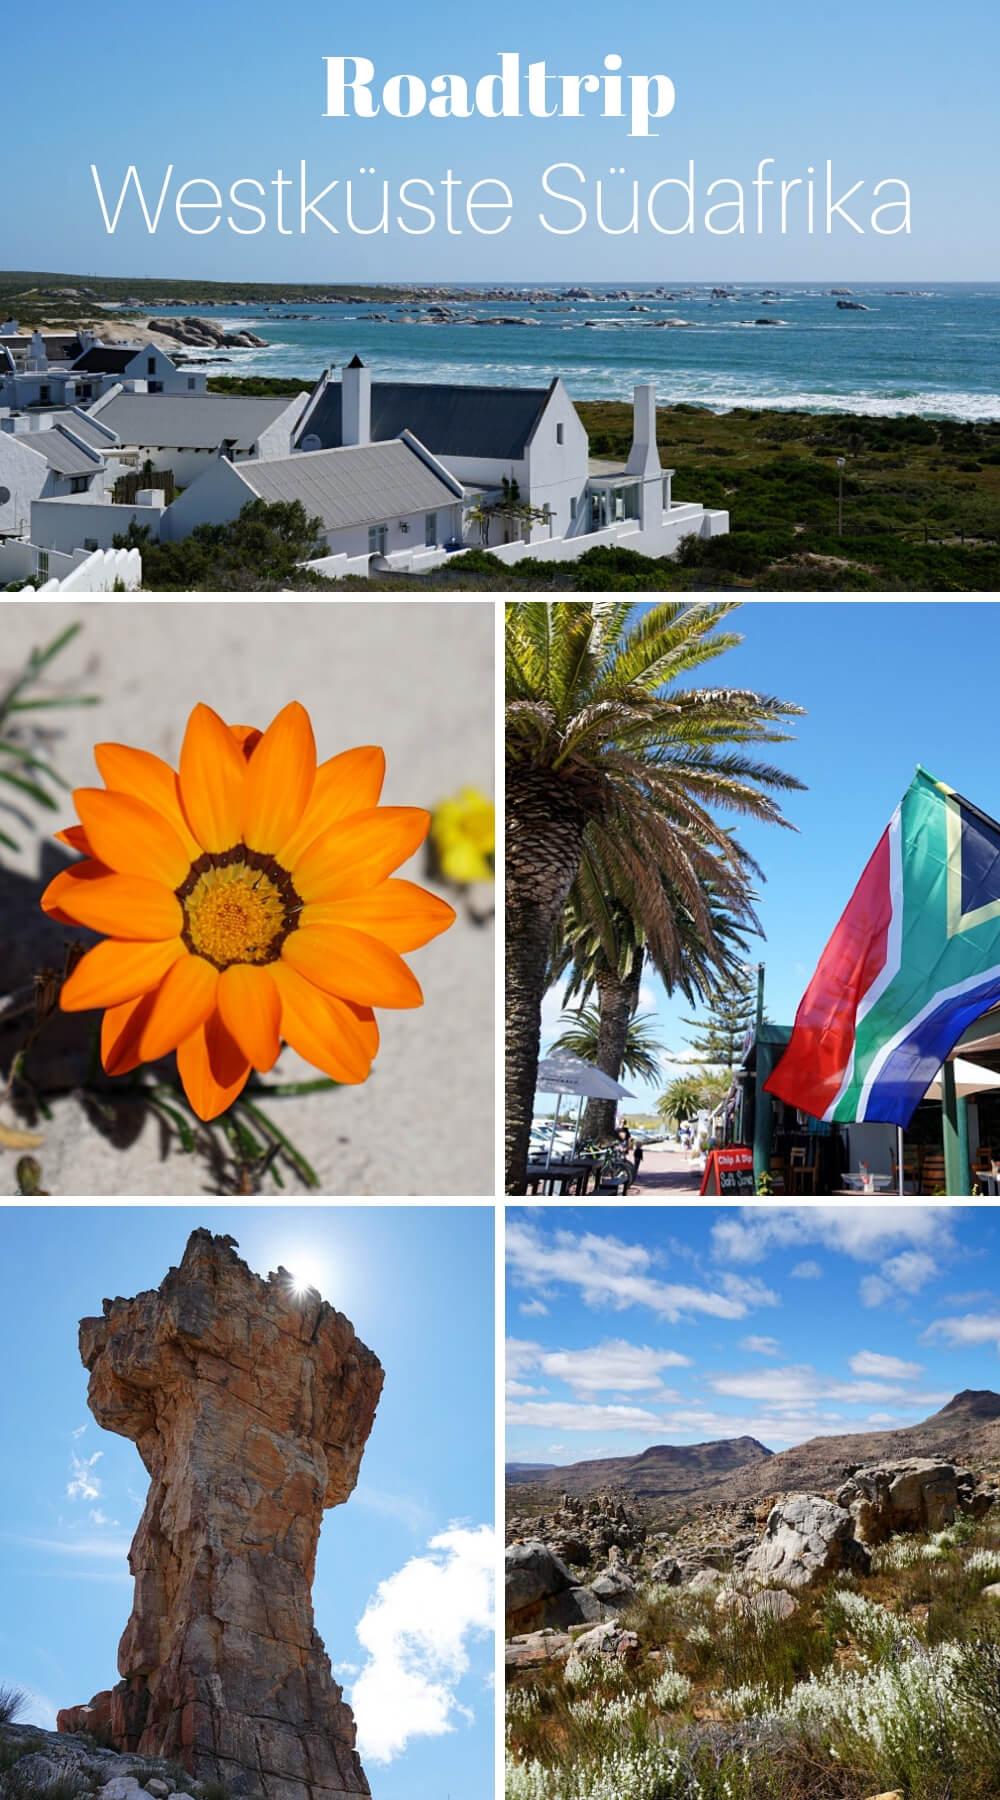 Ein Roadtrip an Südafrikas Westküste: Natur pur fernab des Trubels